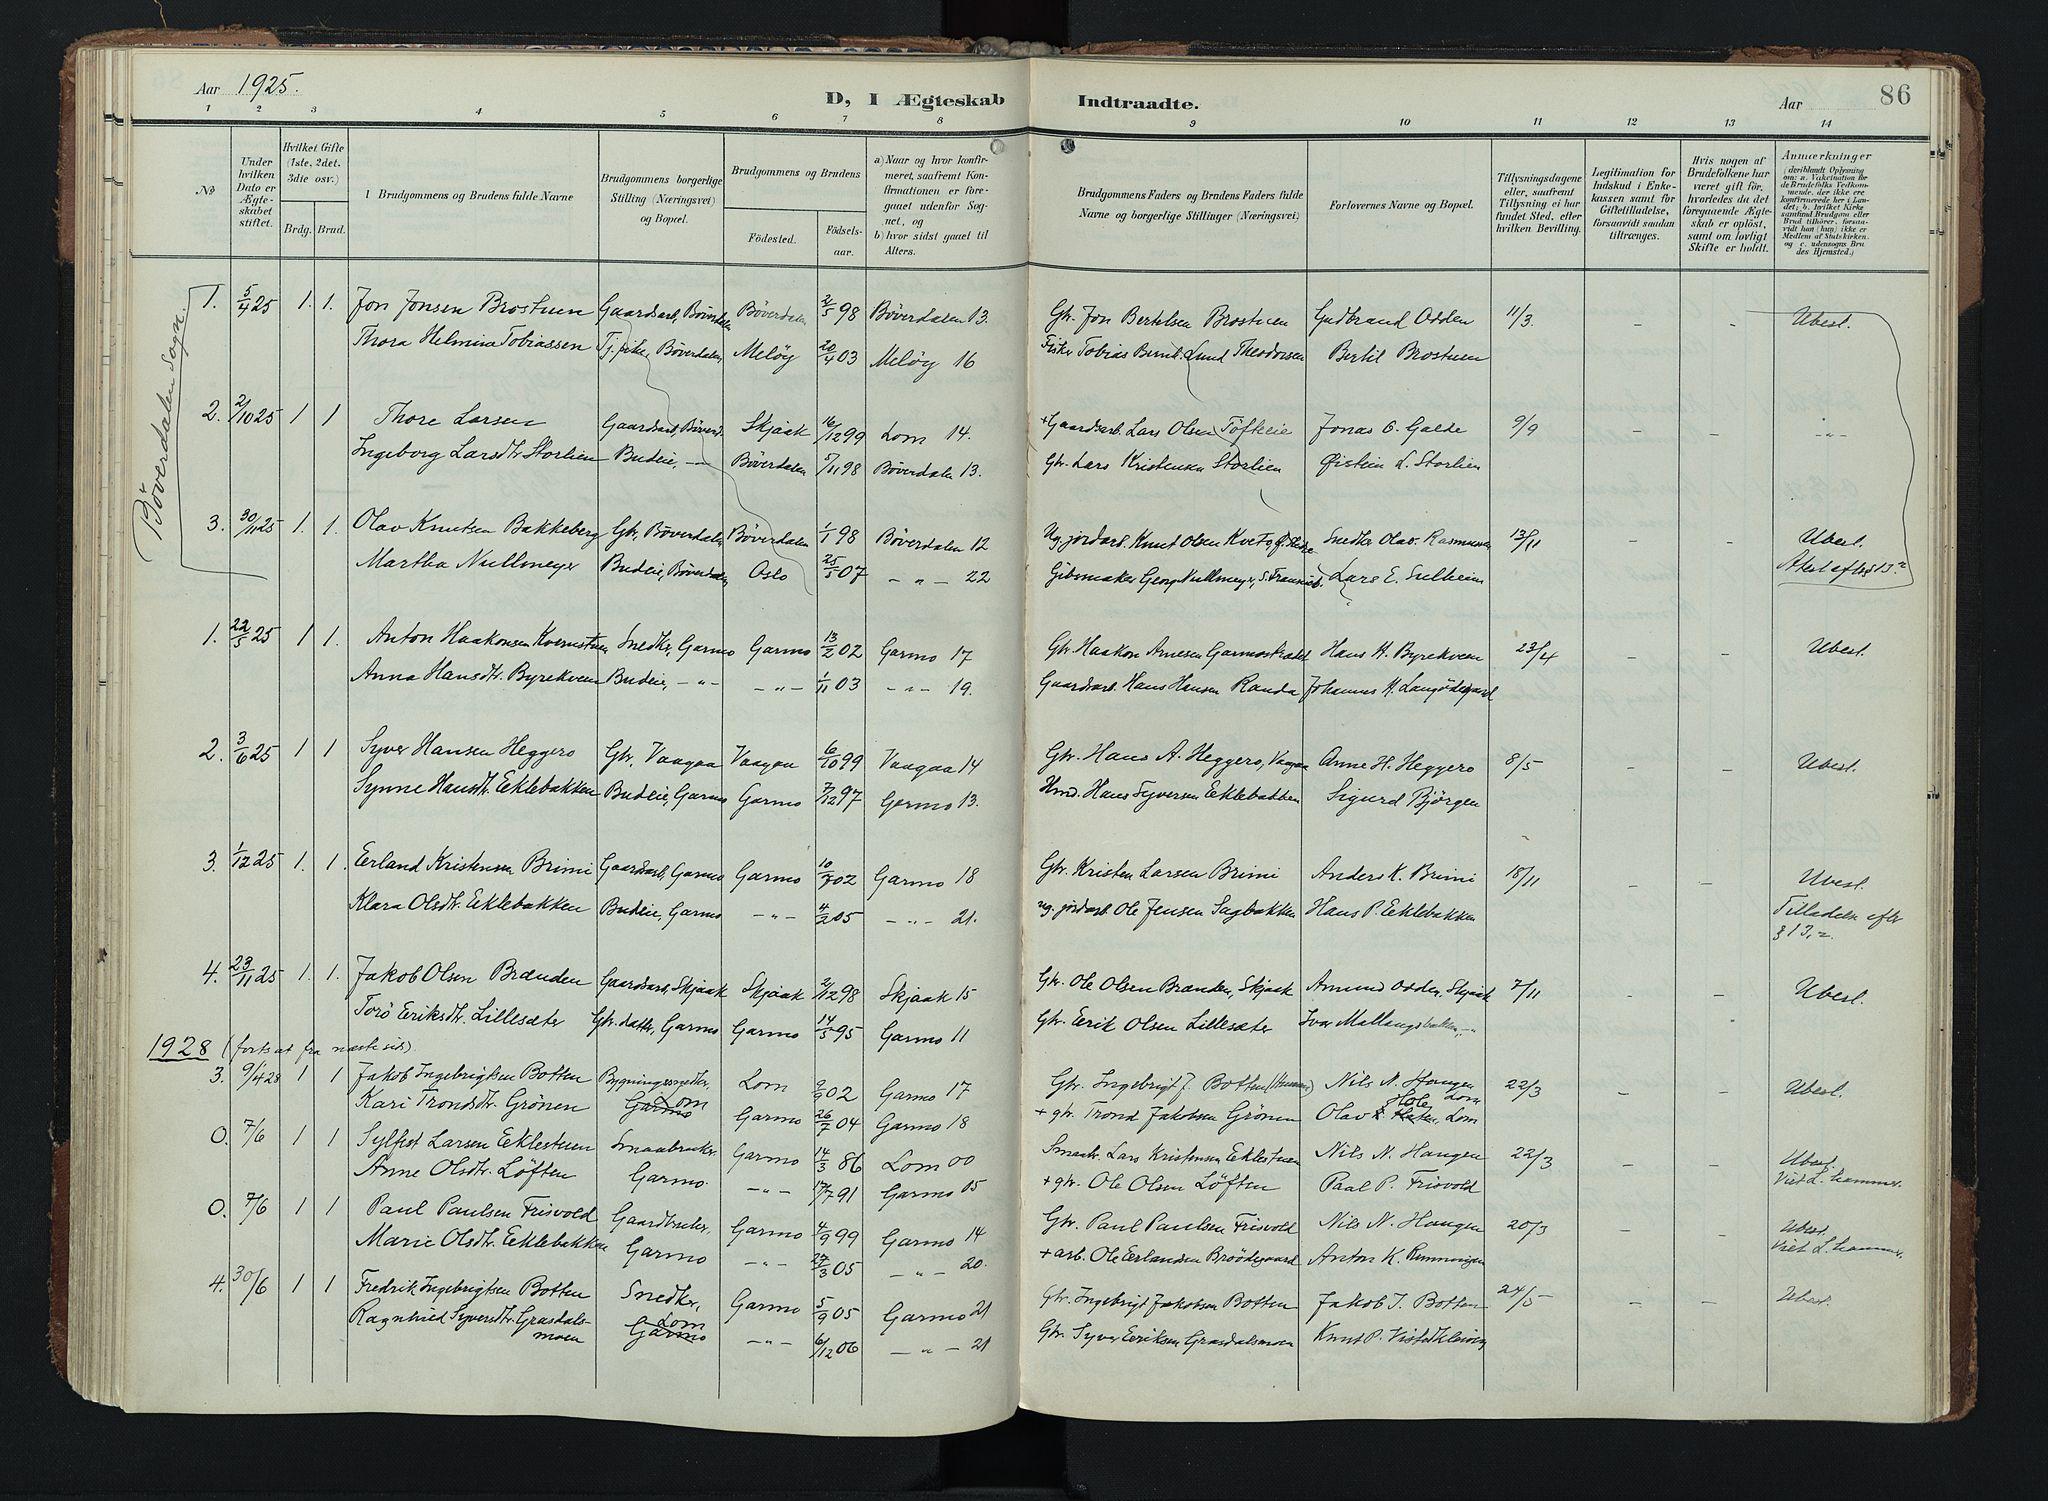 SAH, Lom prestekontor, K/L0011: Ministerialbok nr. 11, 1904-1928, s. 86